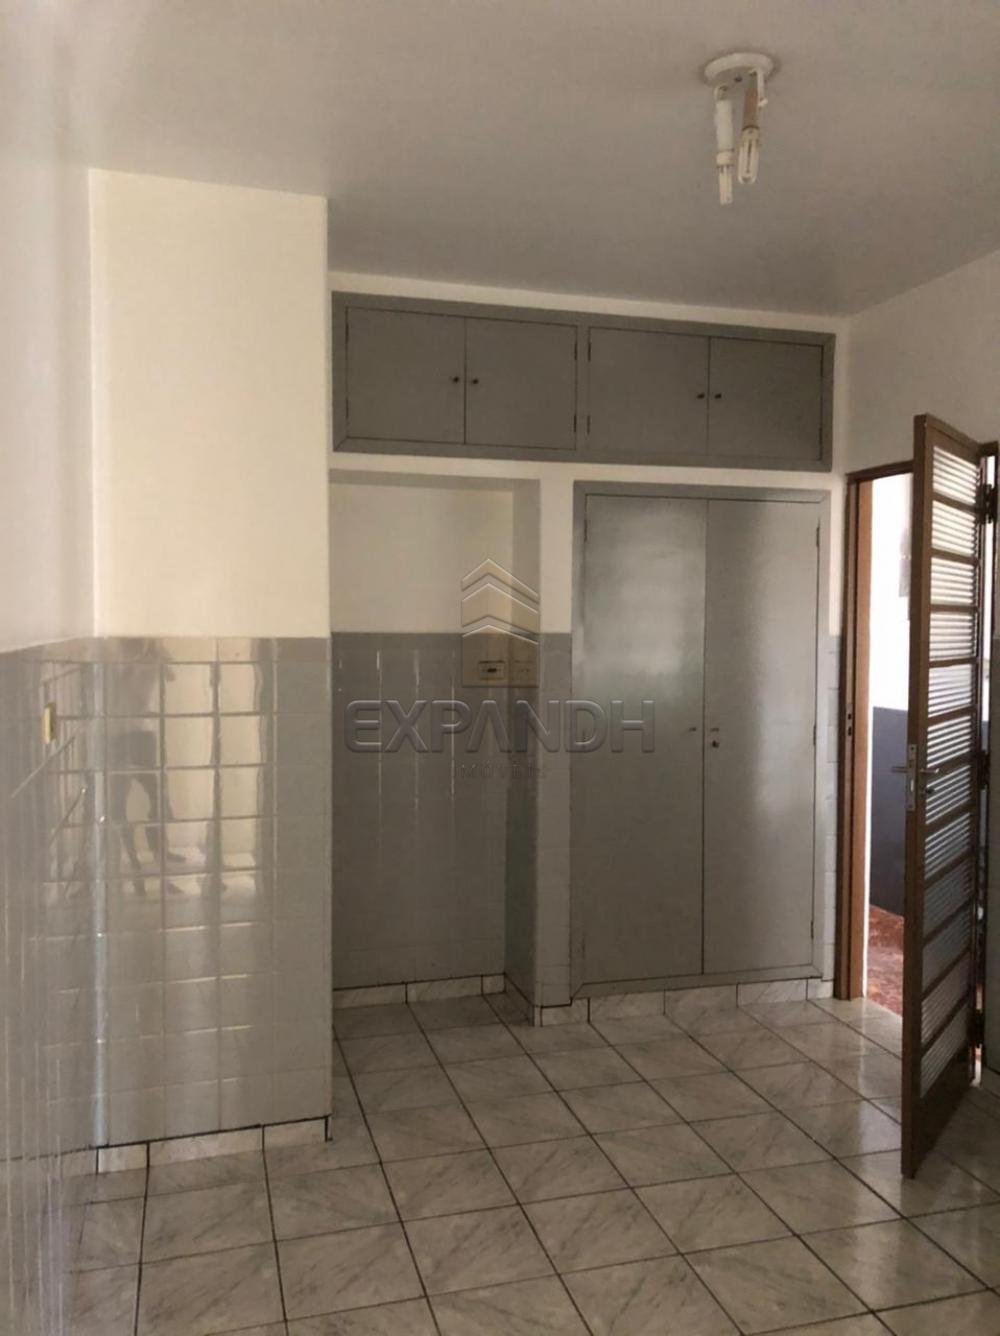 Alugar Casas / Padrão em Sertãozinho R$ 1.000,00 - Foto 4